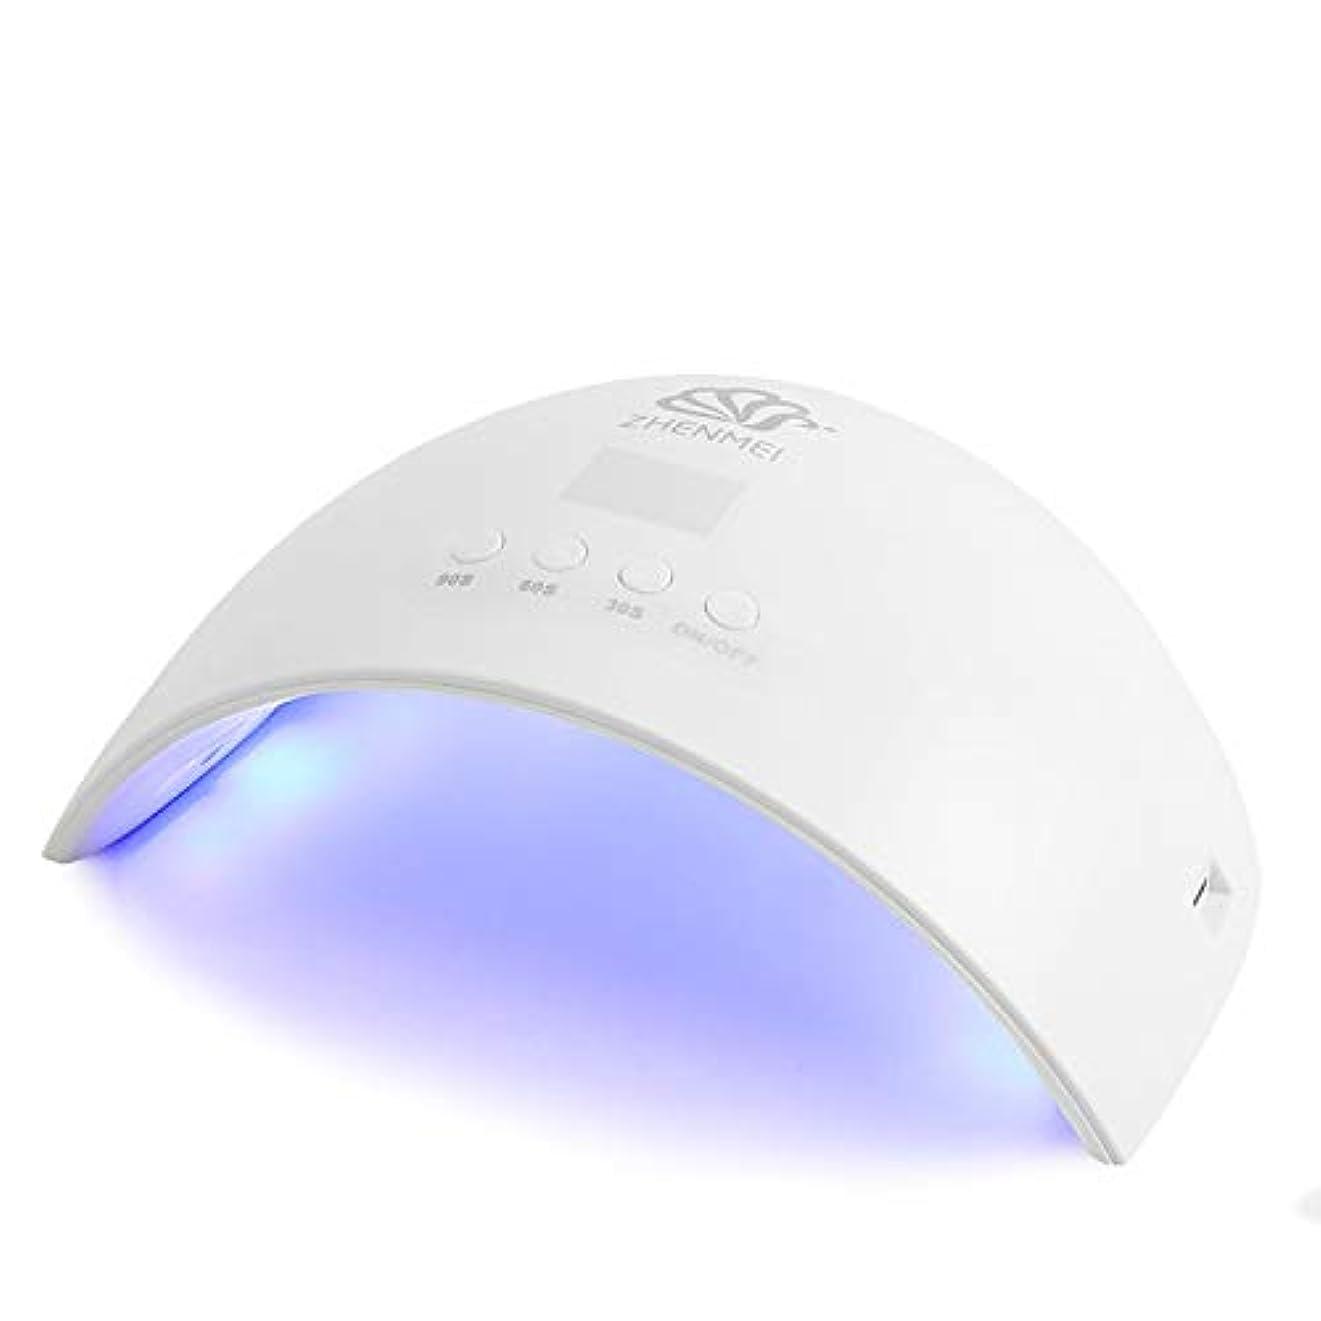 生つまらない航空LEDインジケータ24W 12デュアル光源UV + LED、自動検知、4タイマー設定30/60 / 90S / 99S、プロネイルライトUV LEDネイルライト家庭用ネイル/プロ用